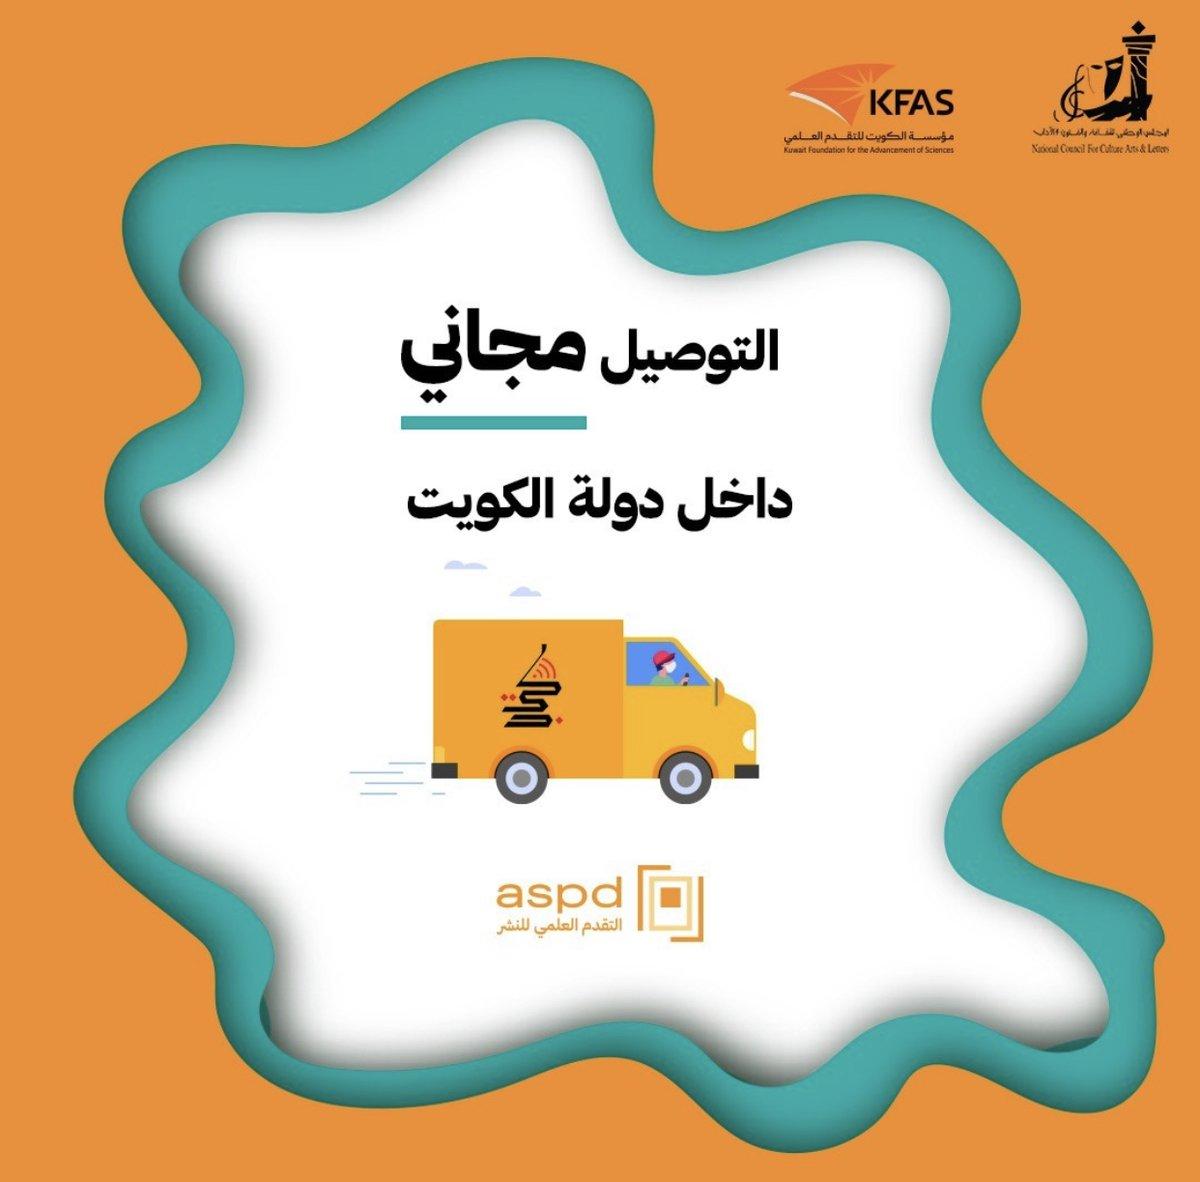 التوصيل مجاني داخل دولة الكويت   تسوق الان عبر الموقع الالكتروني    #معرض_الكويت_الافتراضي_للكتاب